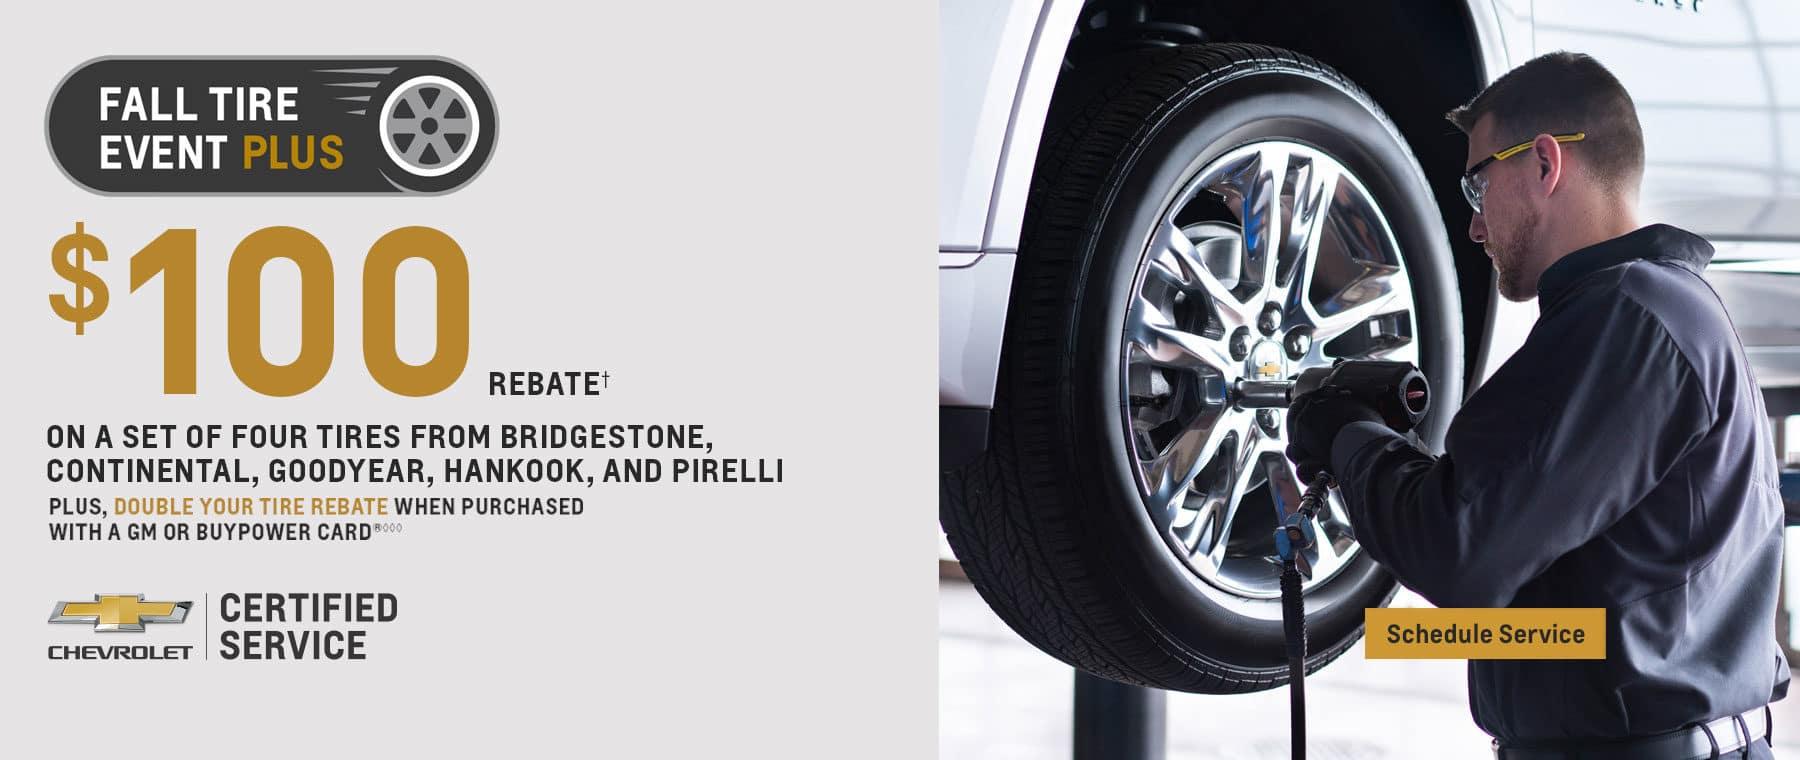 Fall Tire Event $100 Rebate